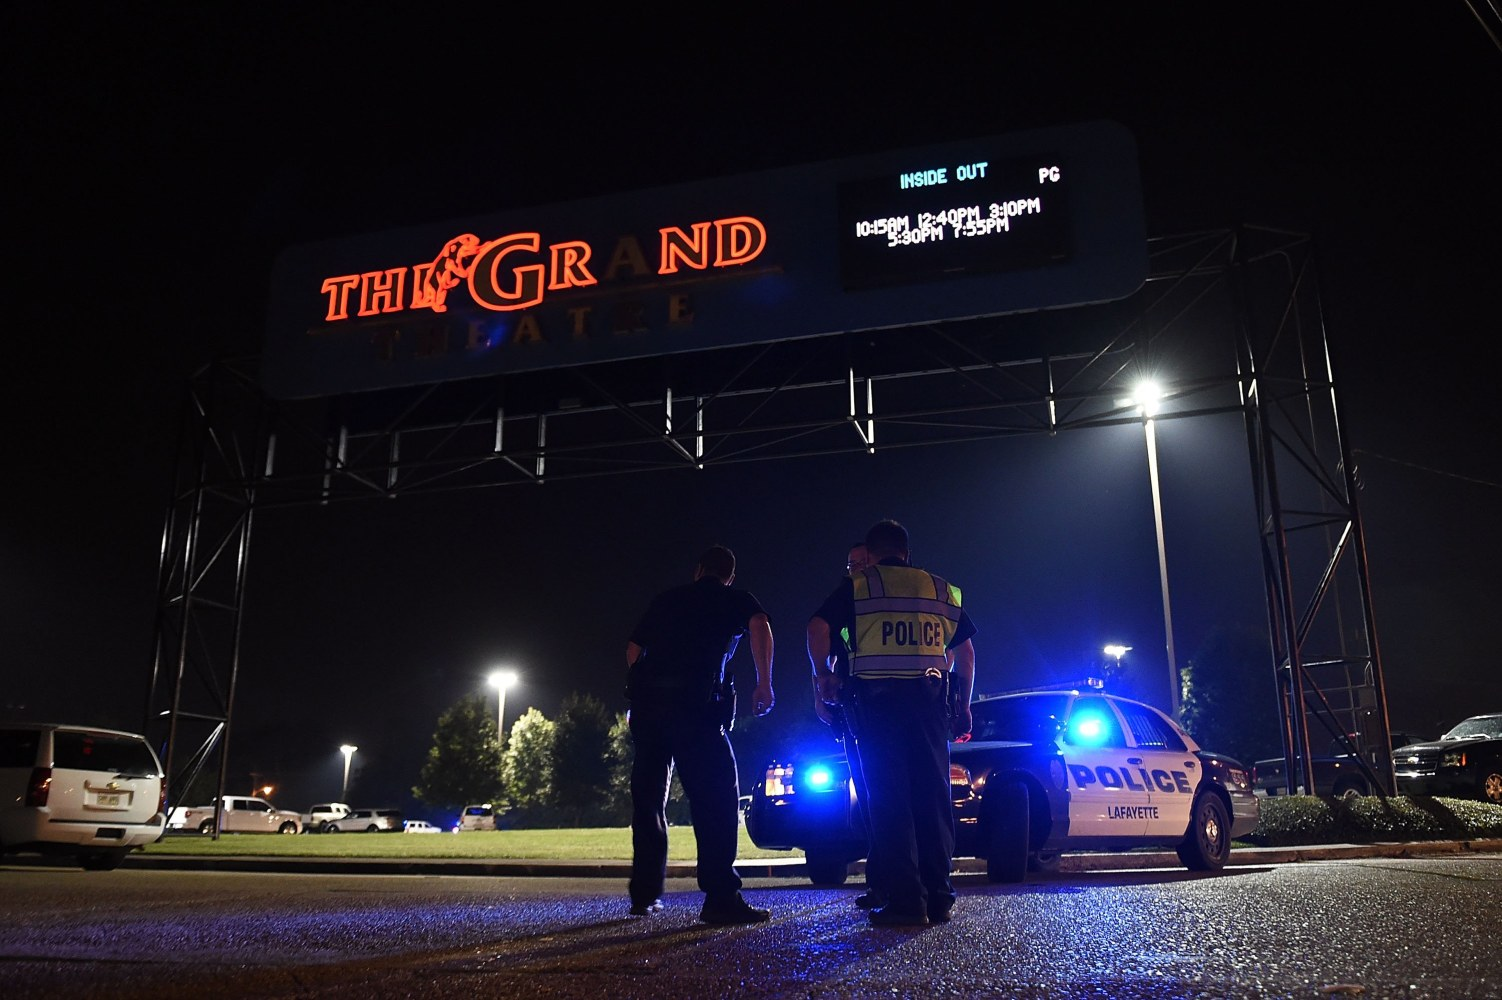 louisiana theater shooting gunman opens fire during